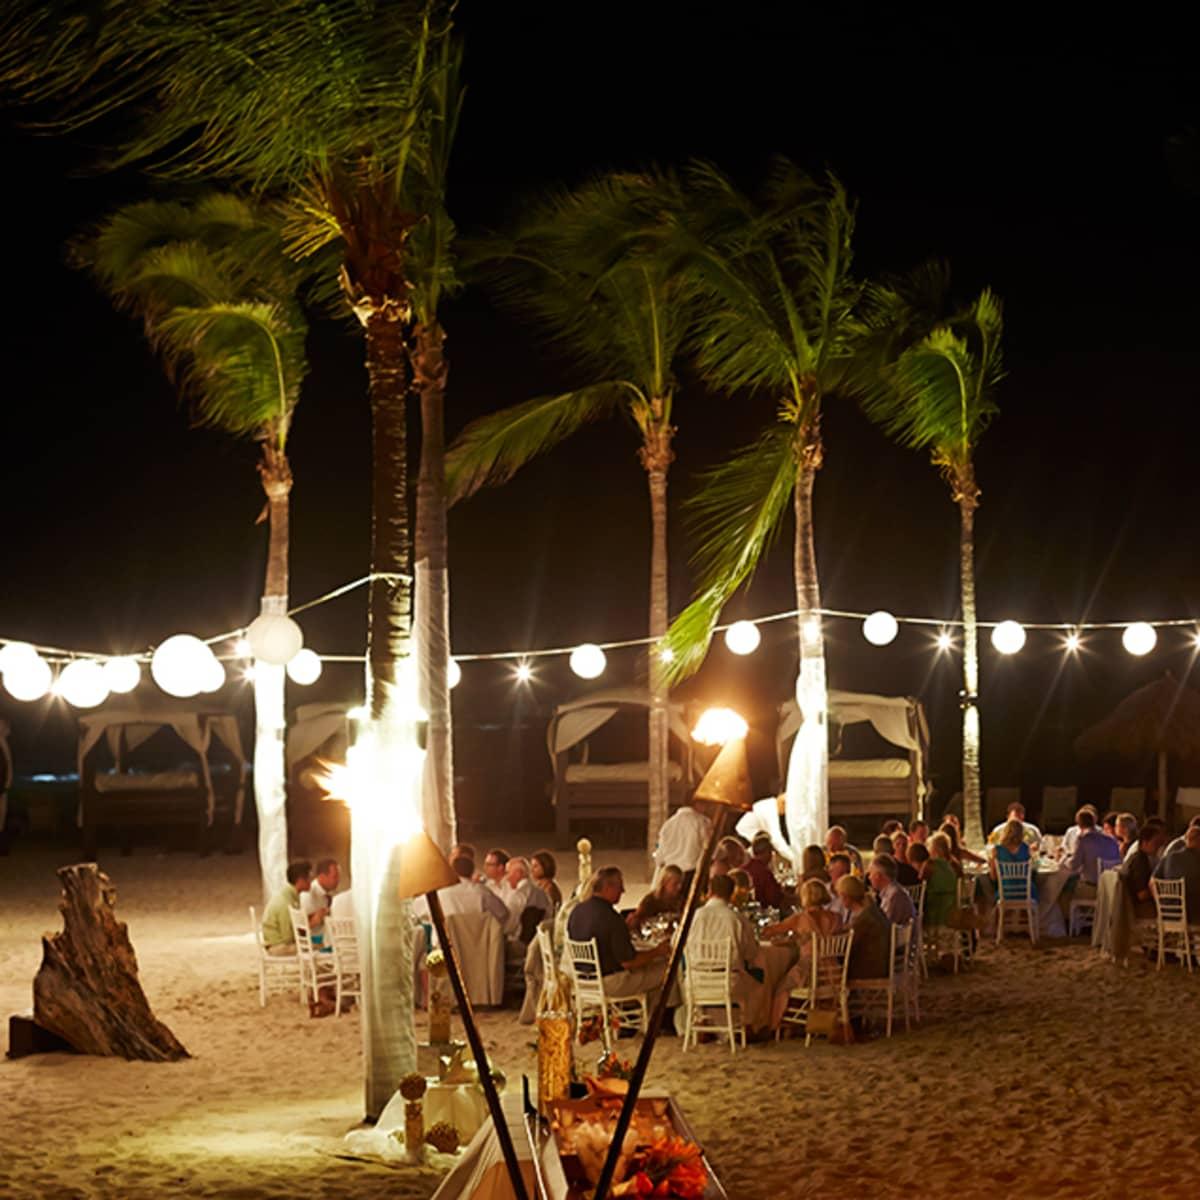 A Comfortable Yet Elegant Reception Is Held On Las Cuevas Beach At Four Seasons Resort Punta